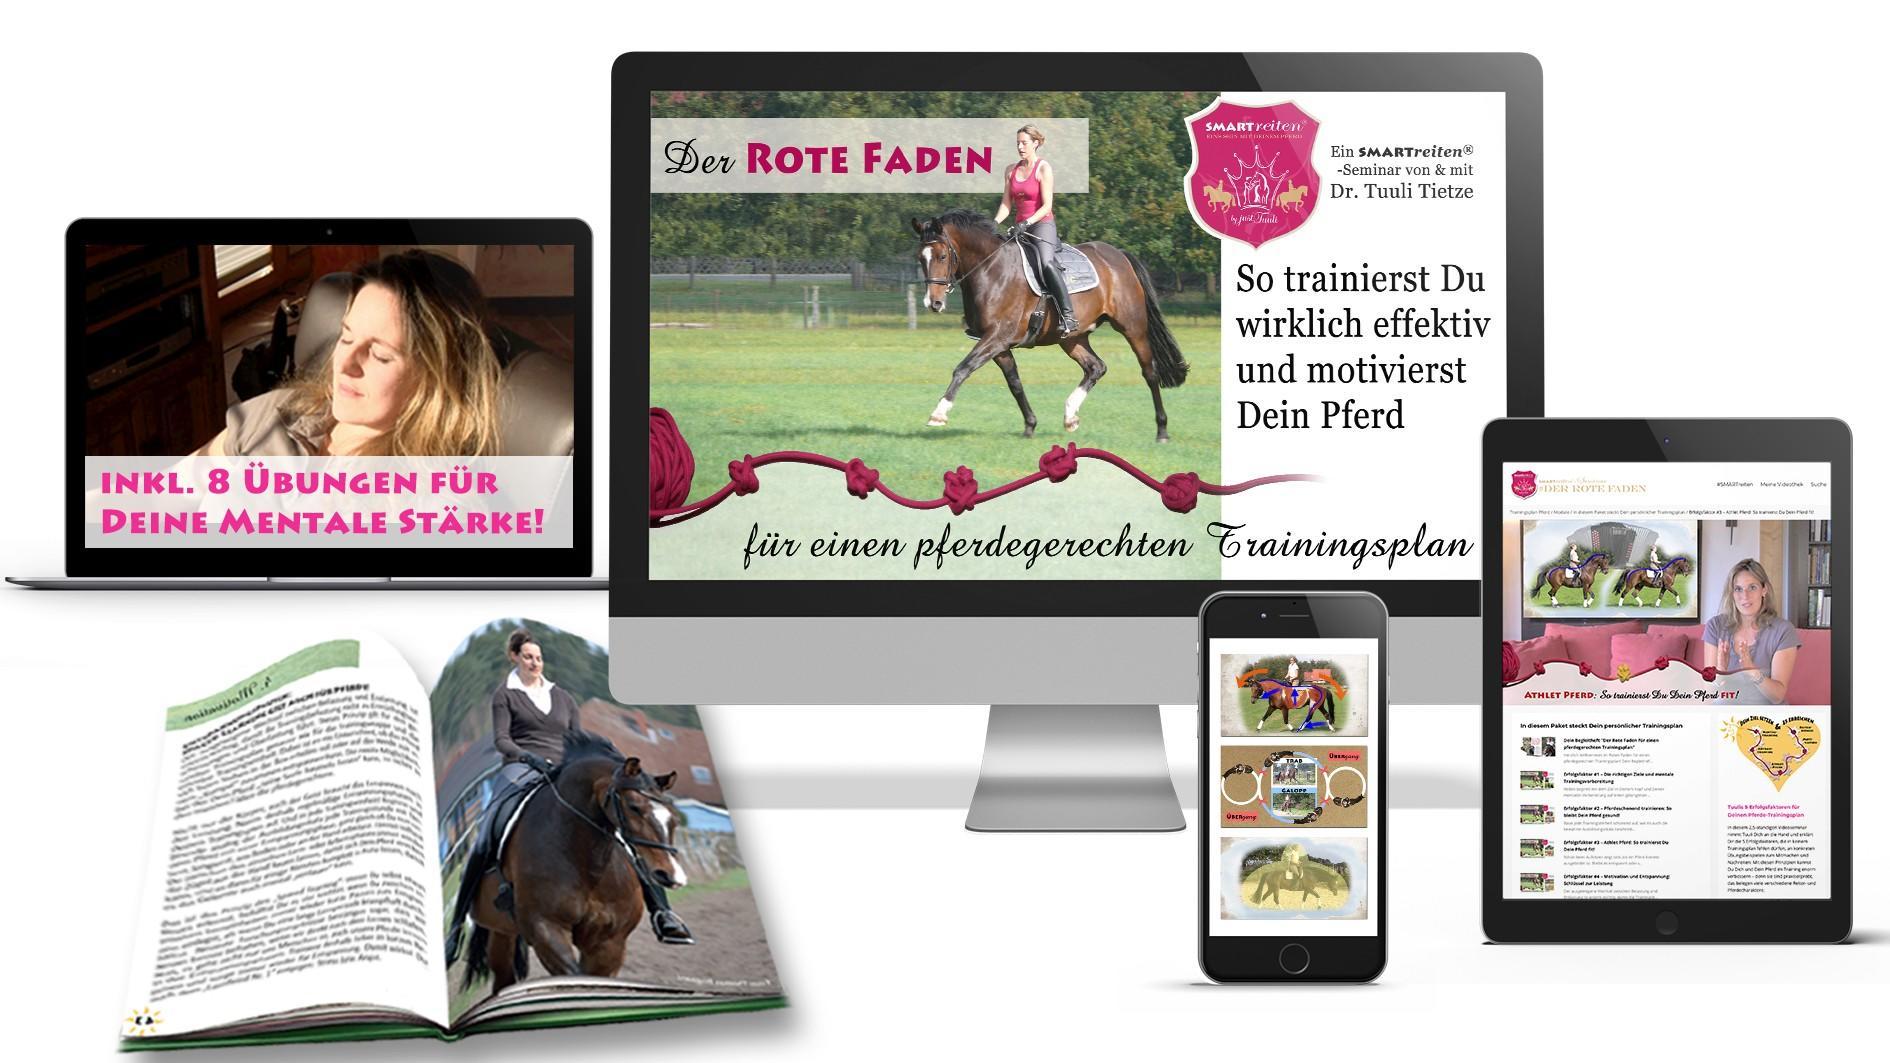 Der Rote Faden für einen pferdegerechten Trainingsplan